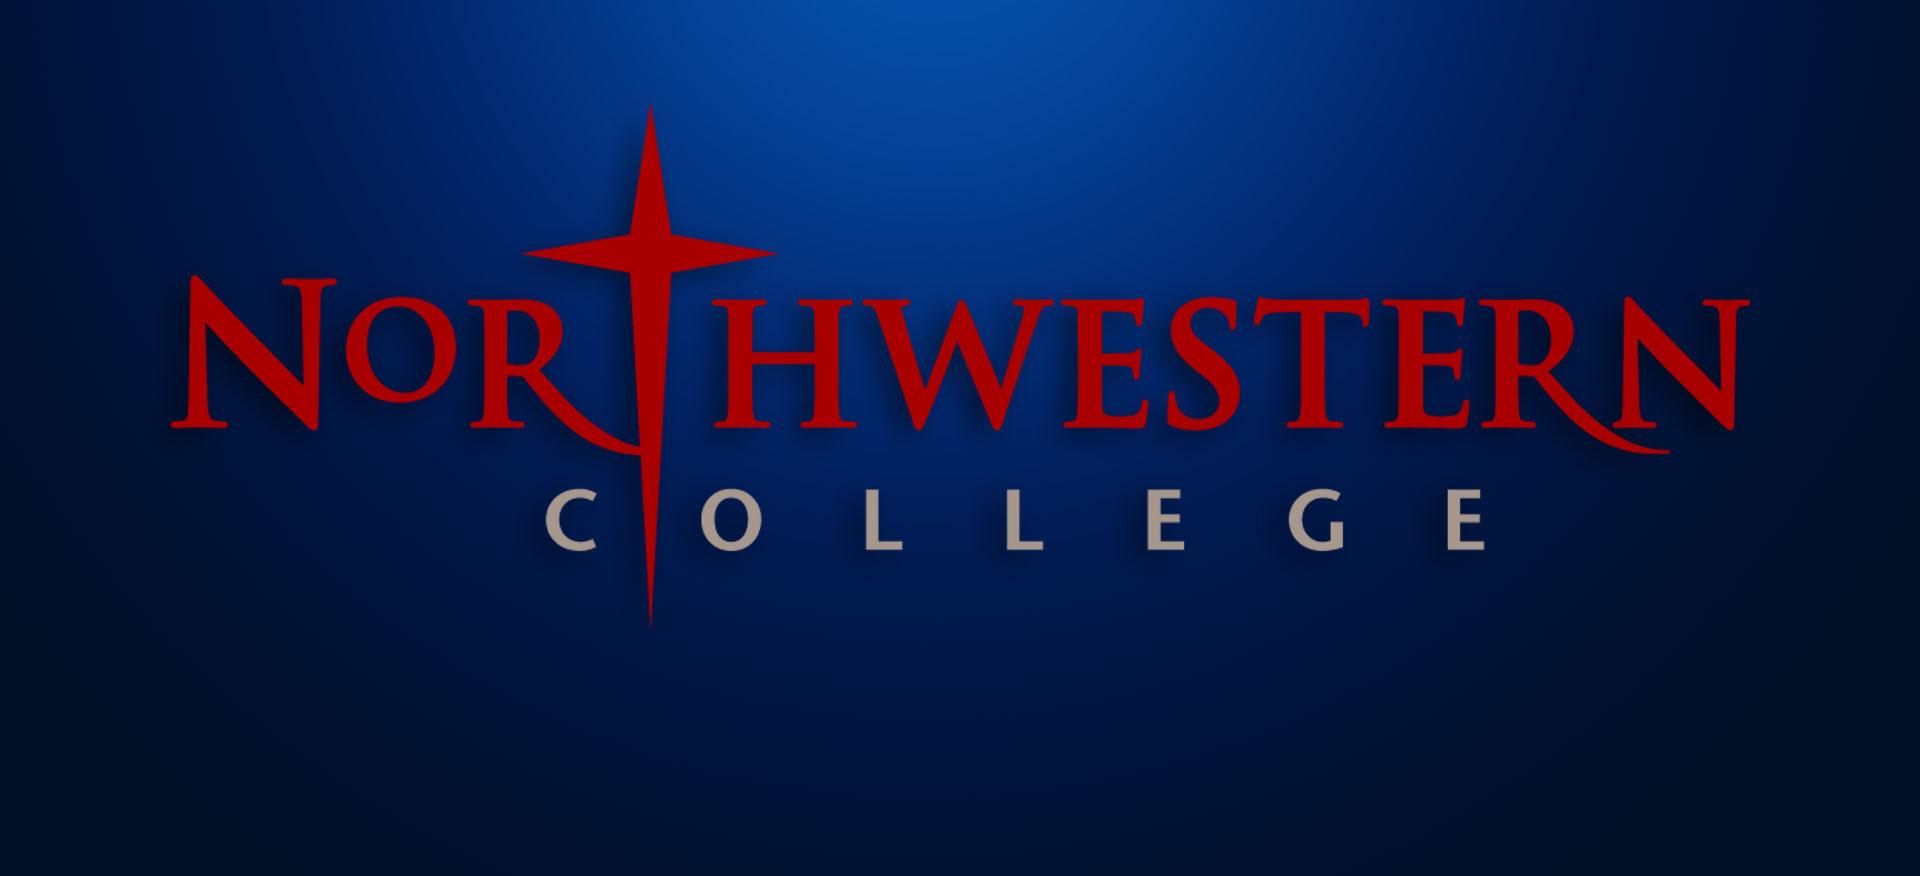 Northwestern College Orange City Iowa